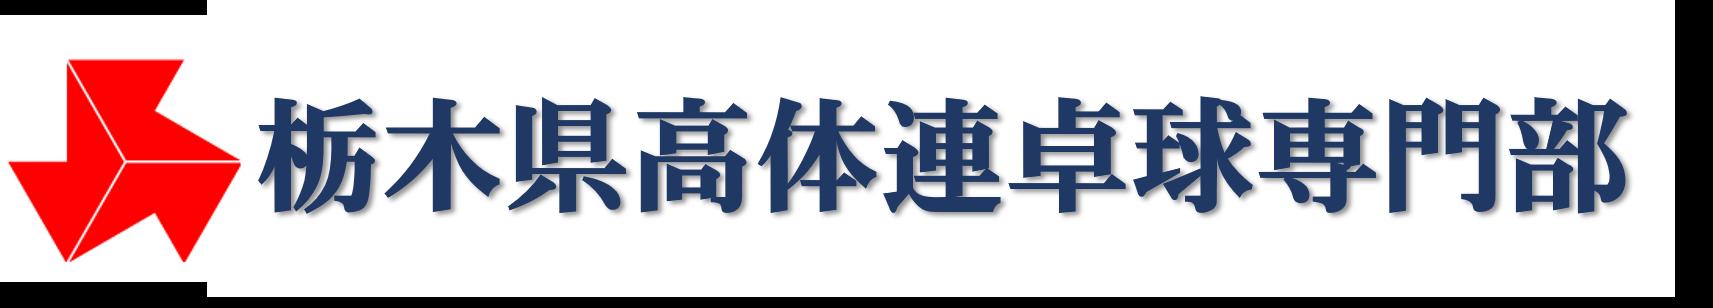 栃木県高体連卓球専門部